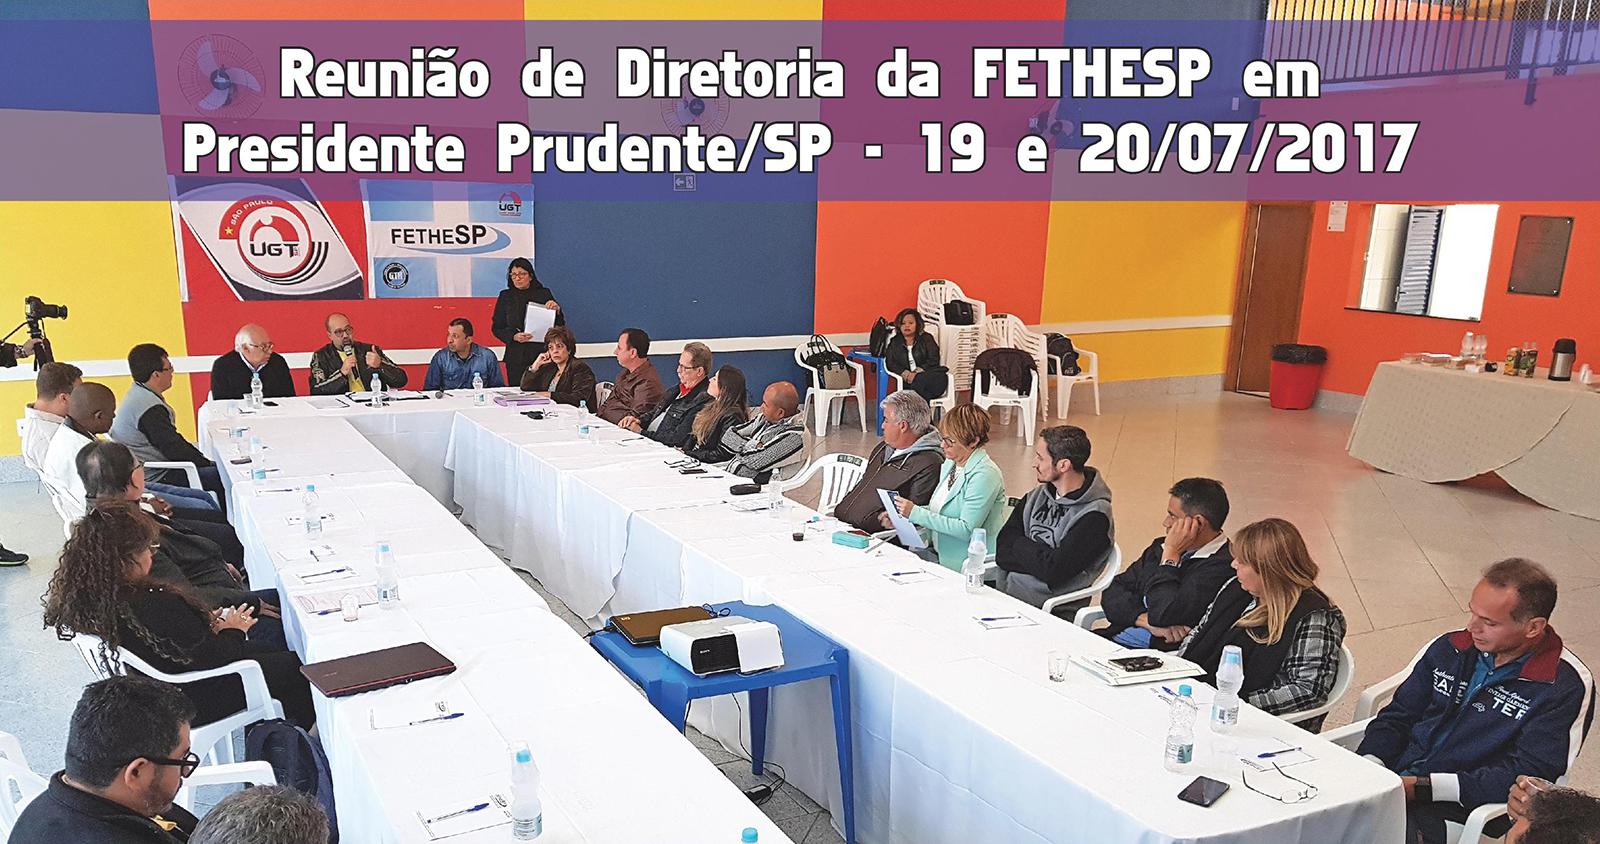 Reunião de Diretoria da FETHESP - Presidente Prudente - 19 e 20/07/2017